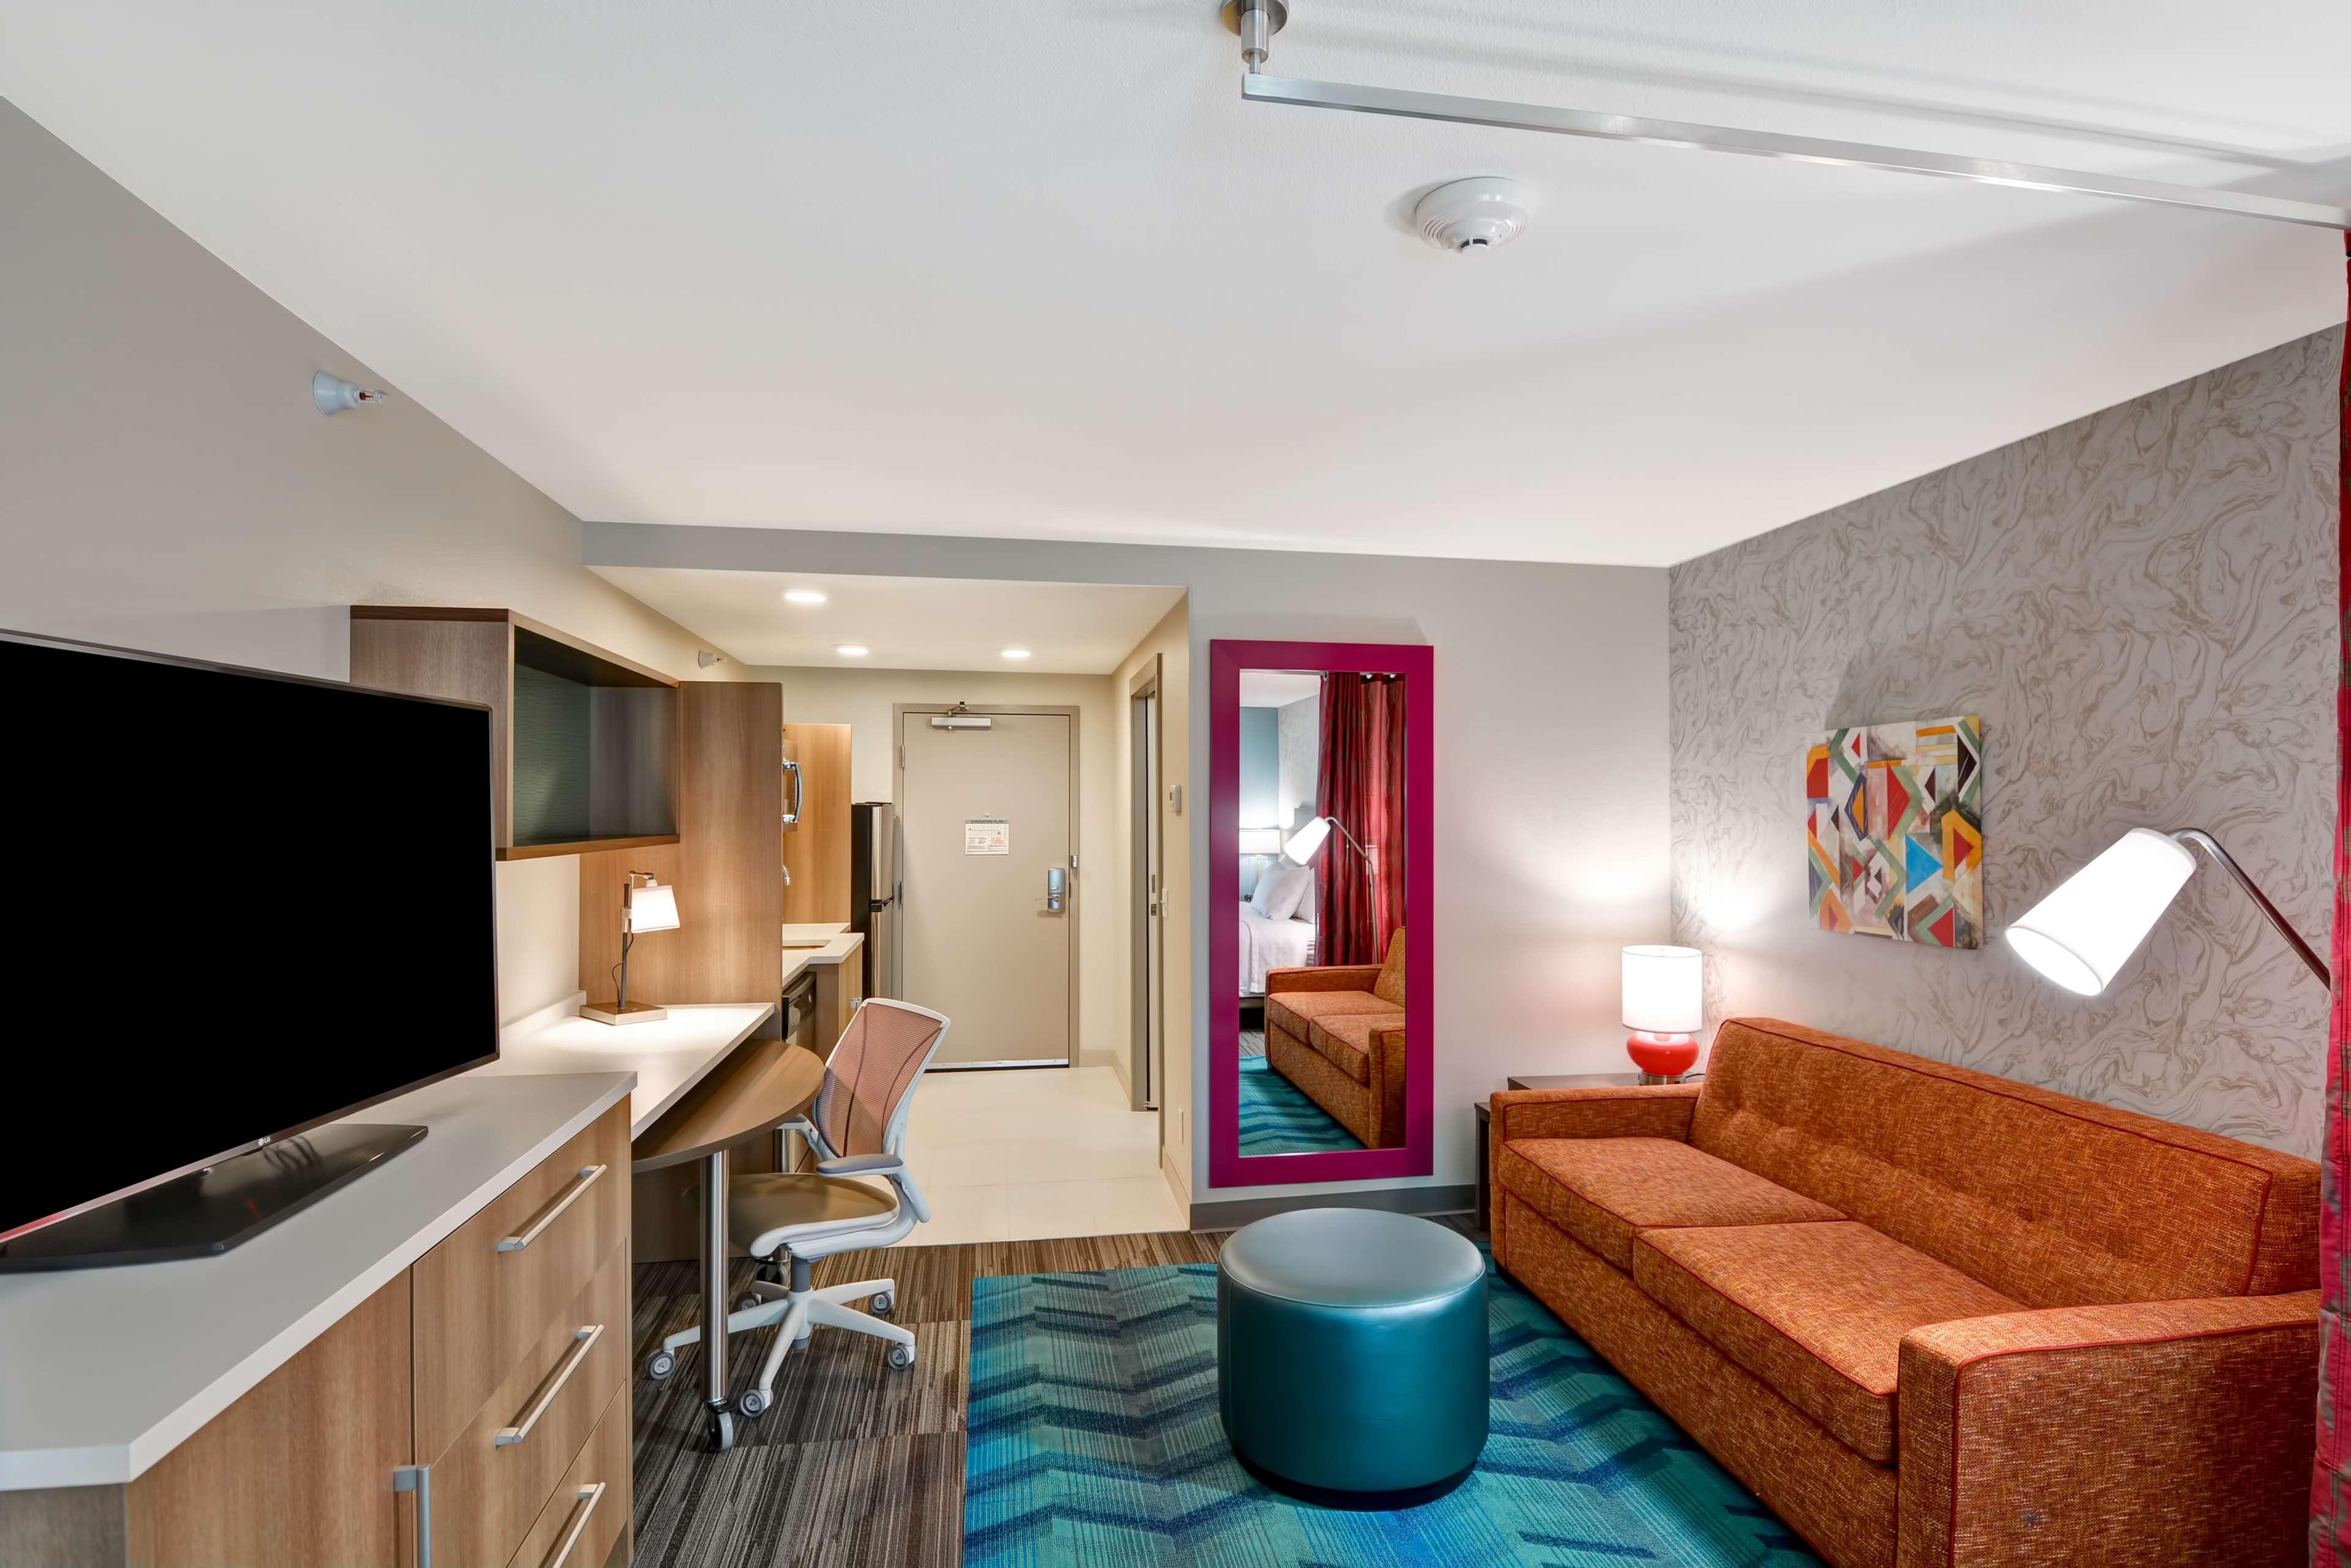 Home2 Suites by Hilton Lafayette image 26